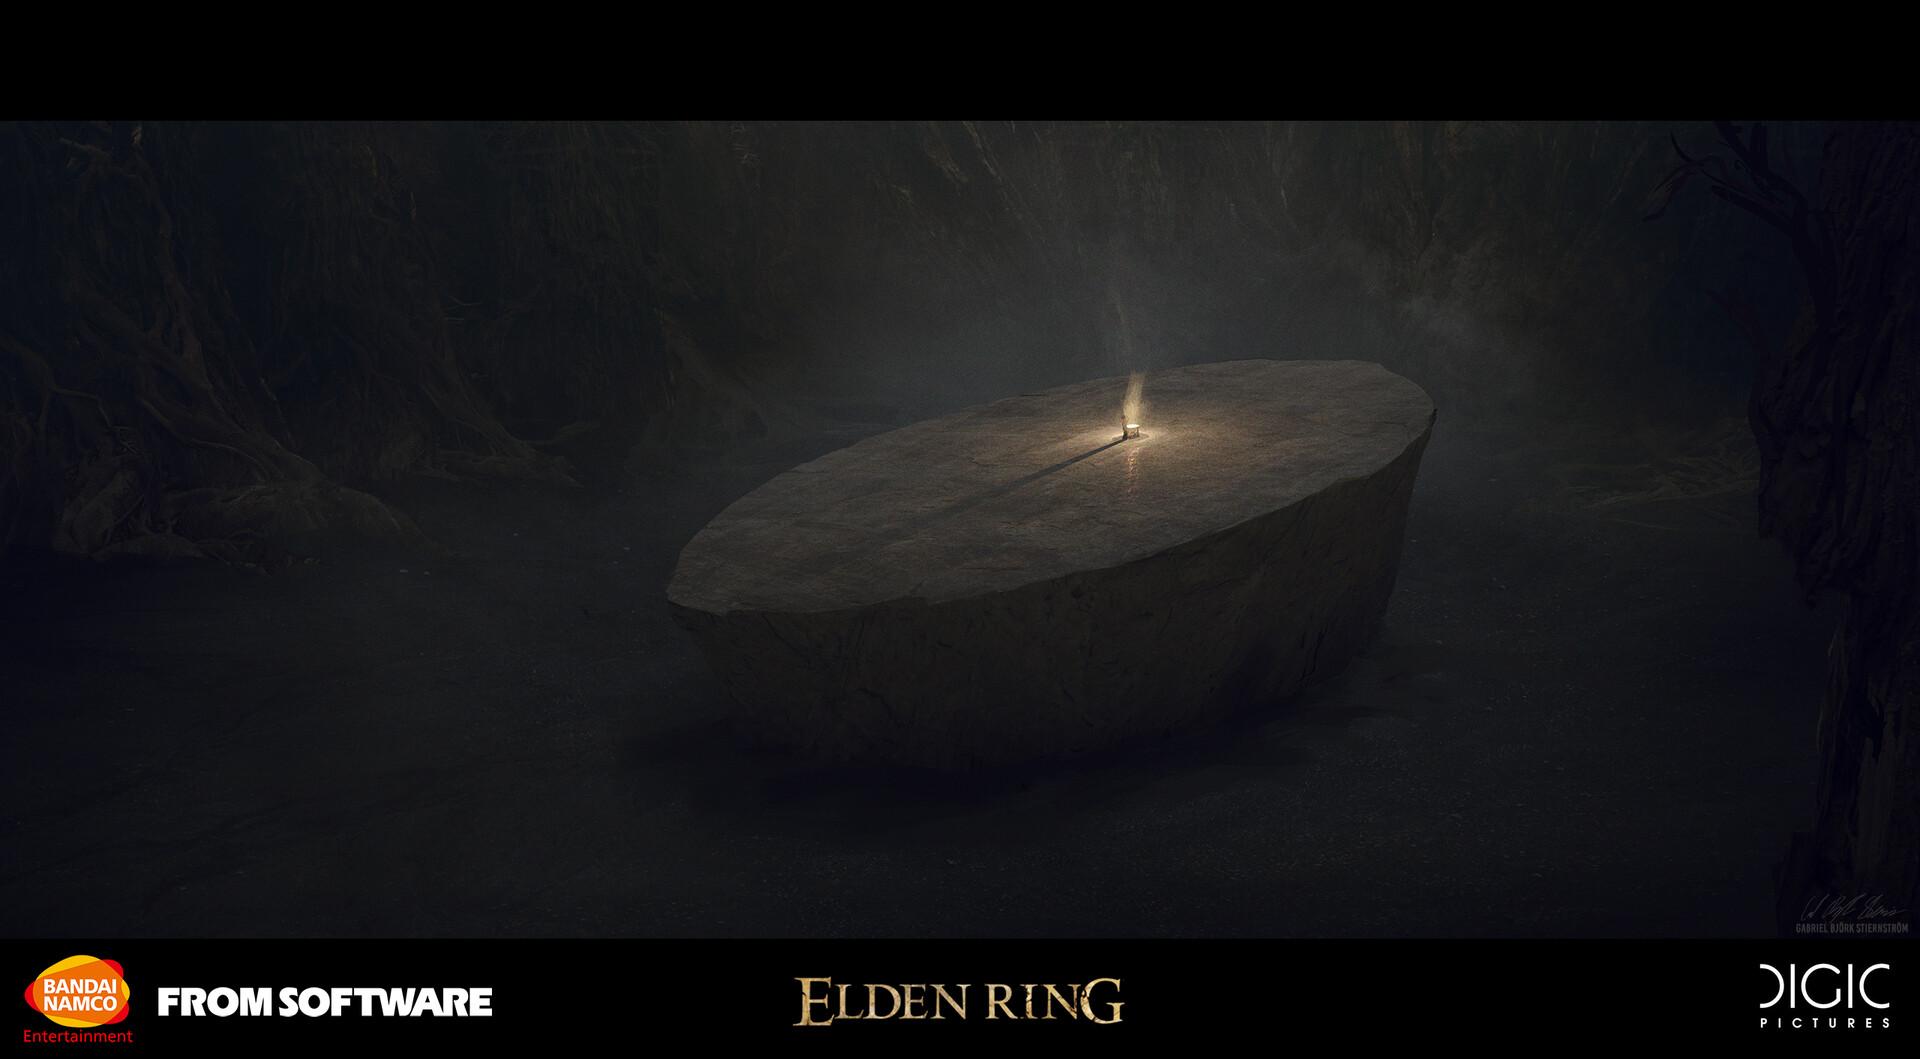 Elden Ring Artwork #2